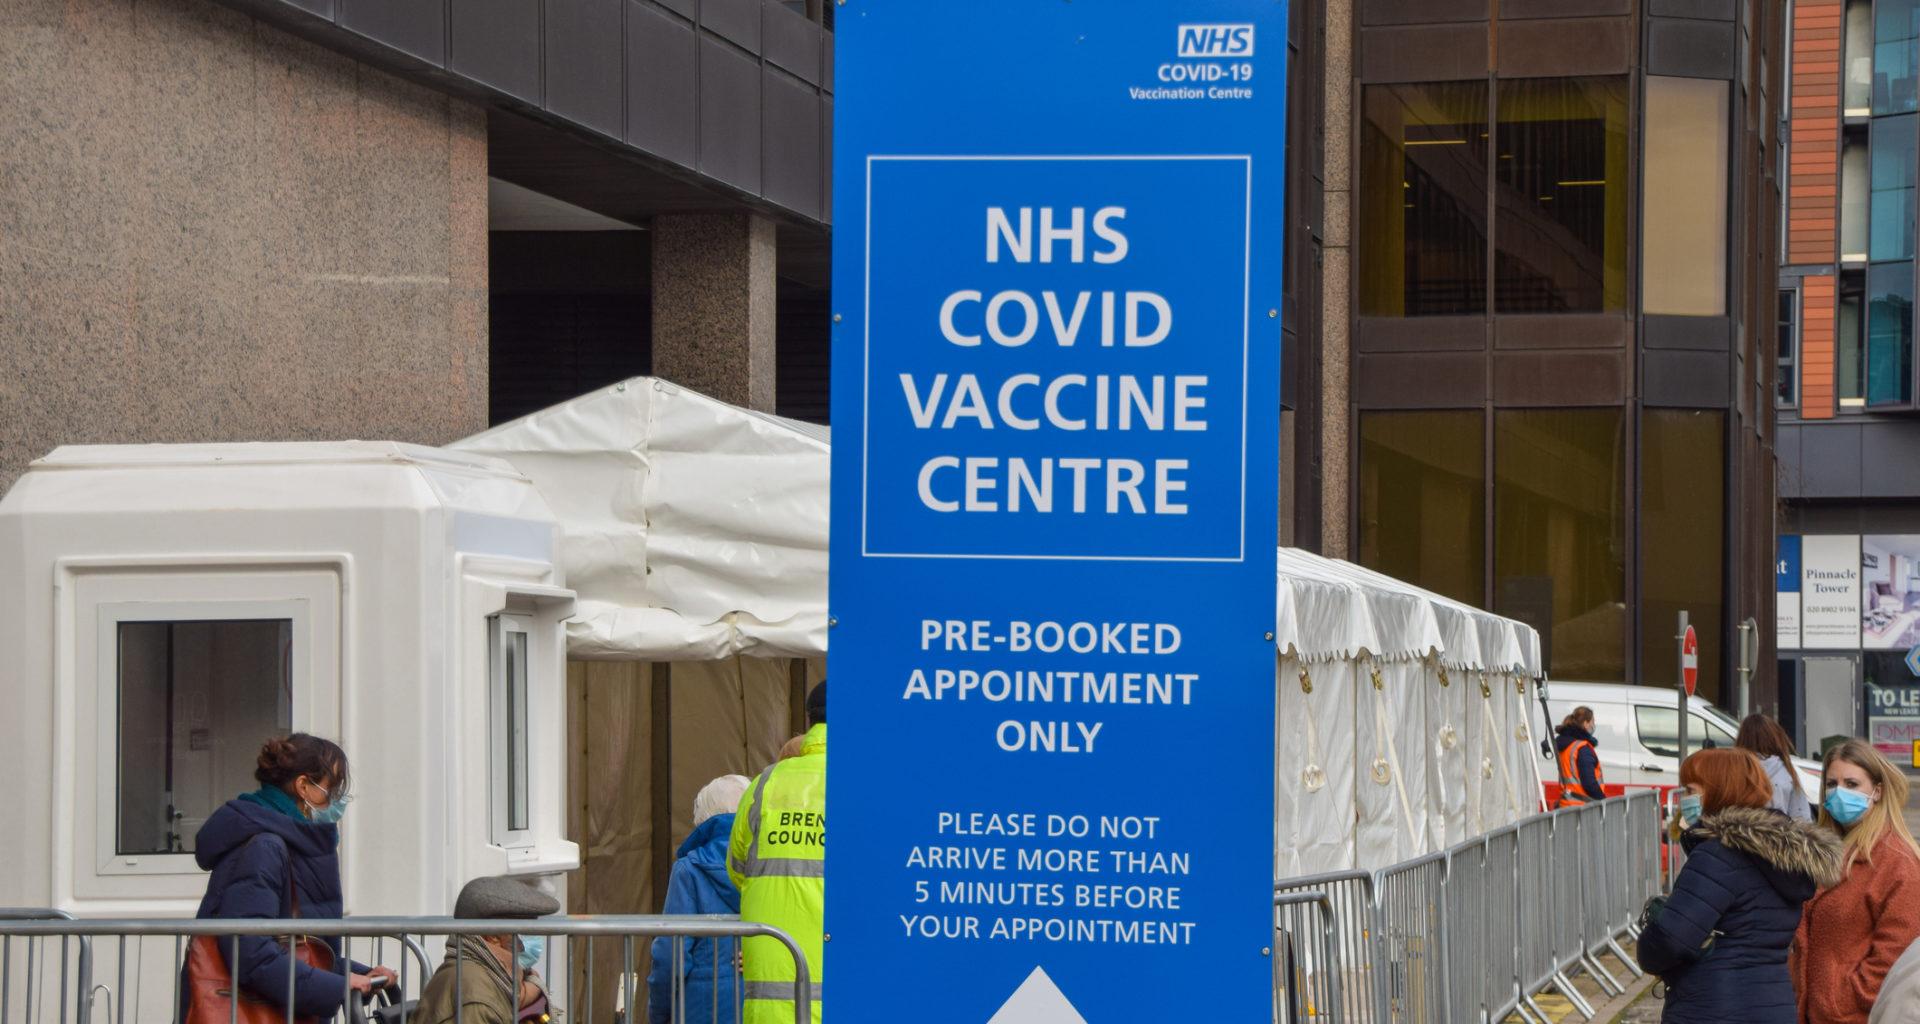 Covid-19 vaccine centre